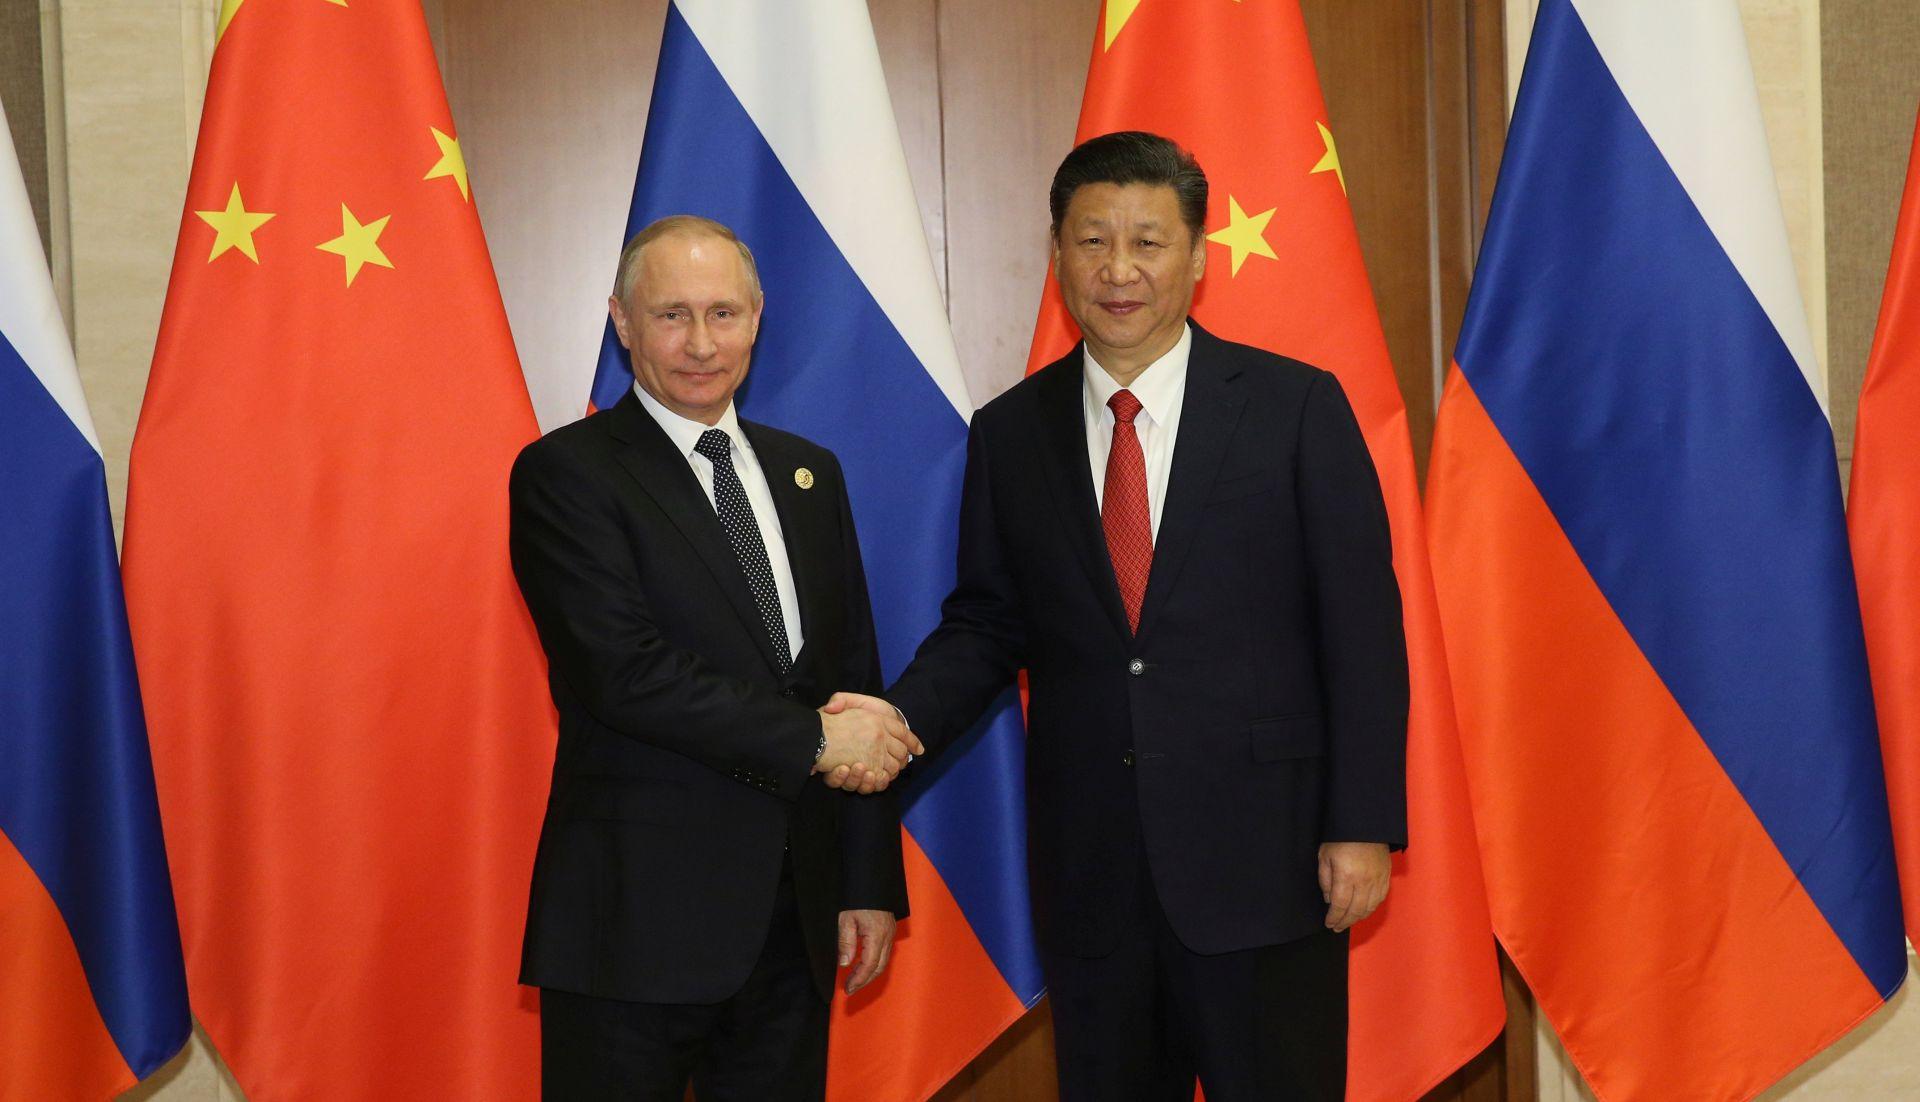 Xi i Putin u Rusiji otvaraju novo razdoblje partnerstva i prijateljstva